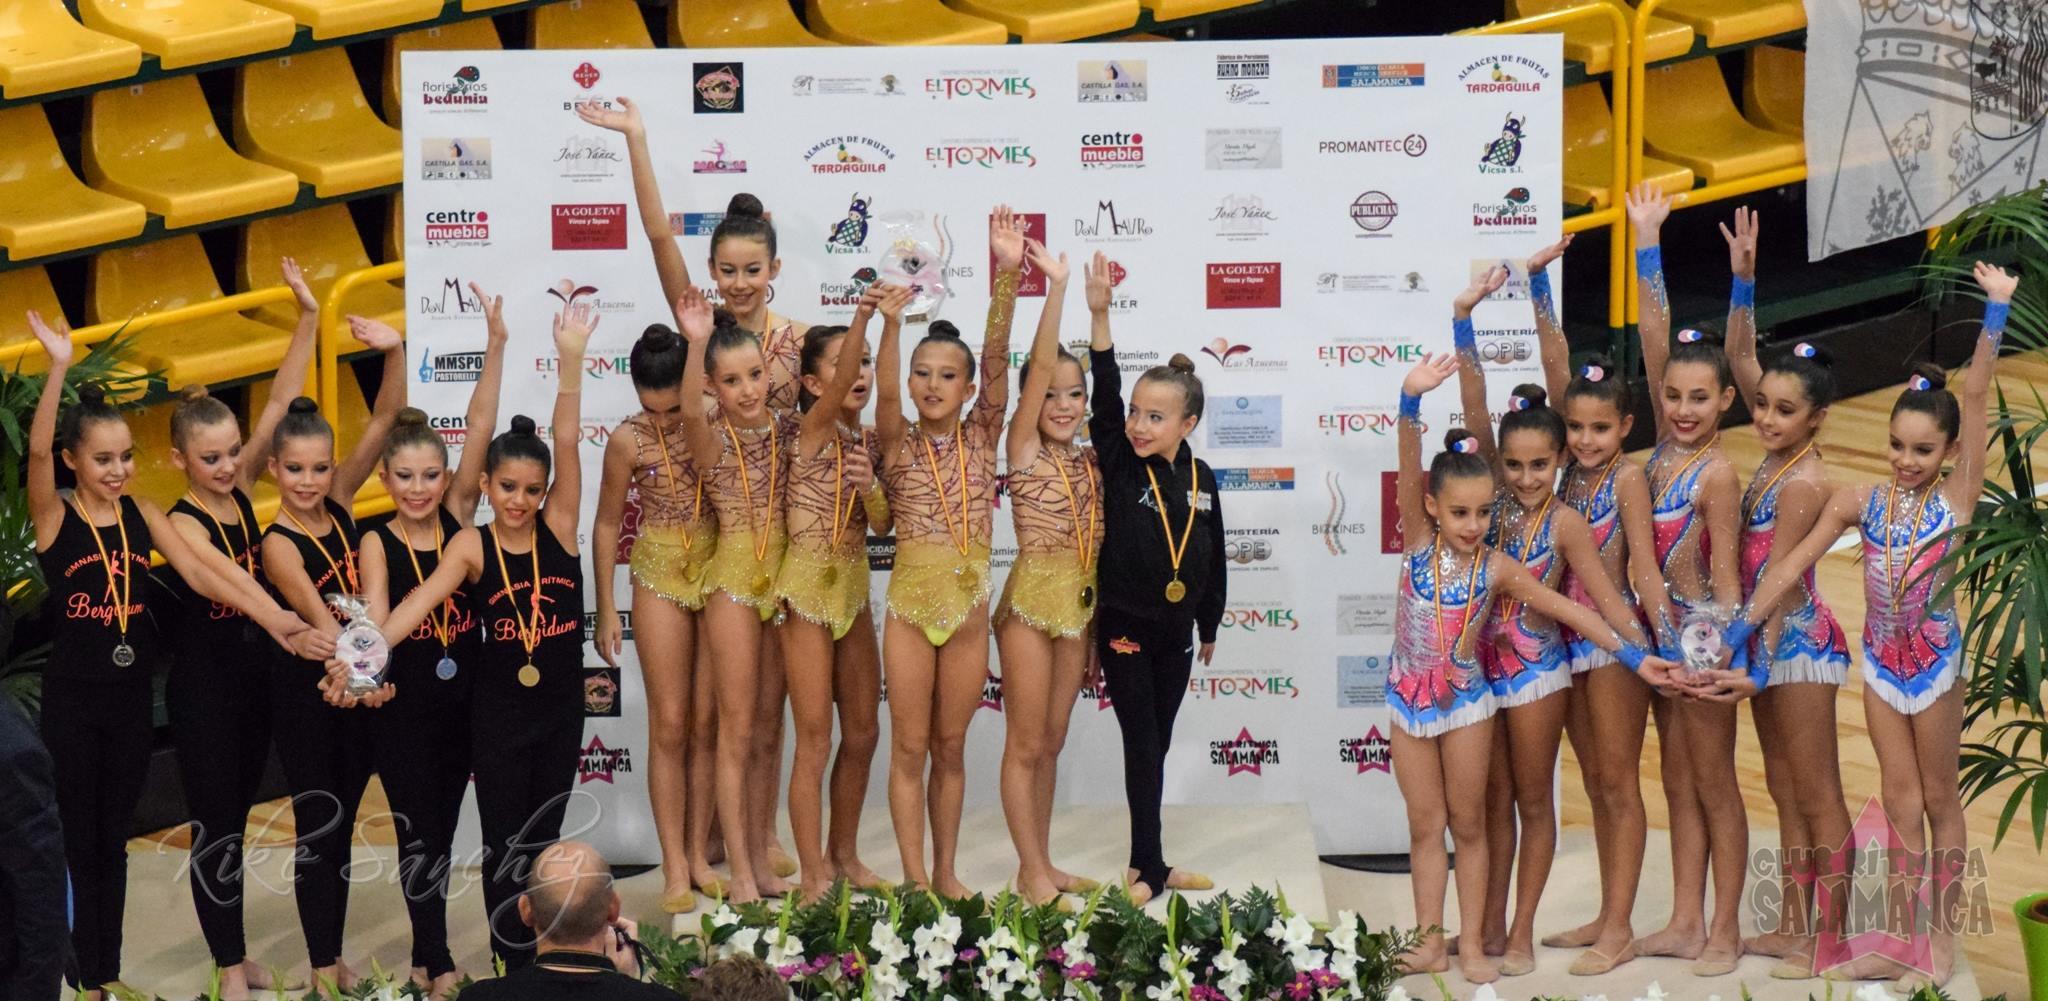 Competición: I Torneo N. GR Ciudad de Salamanca